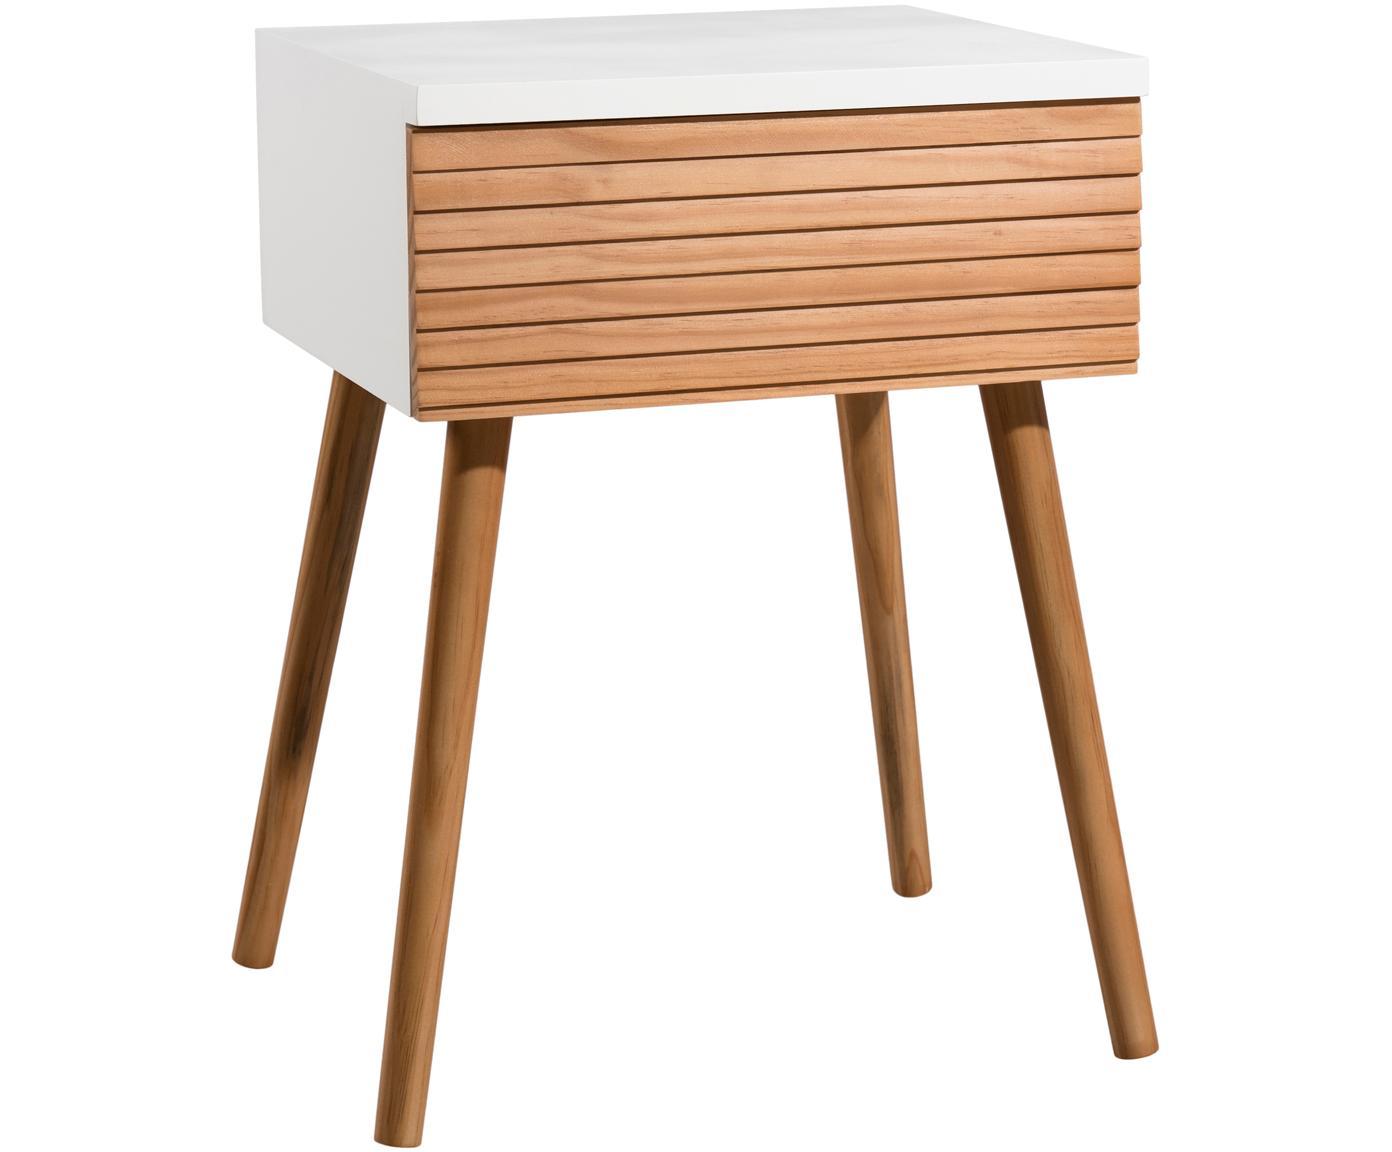 Comodino scandi con cassetto Pedro, Bianco, legno di pino, Larg. 40 x Alt. 56 cm